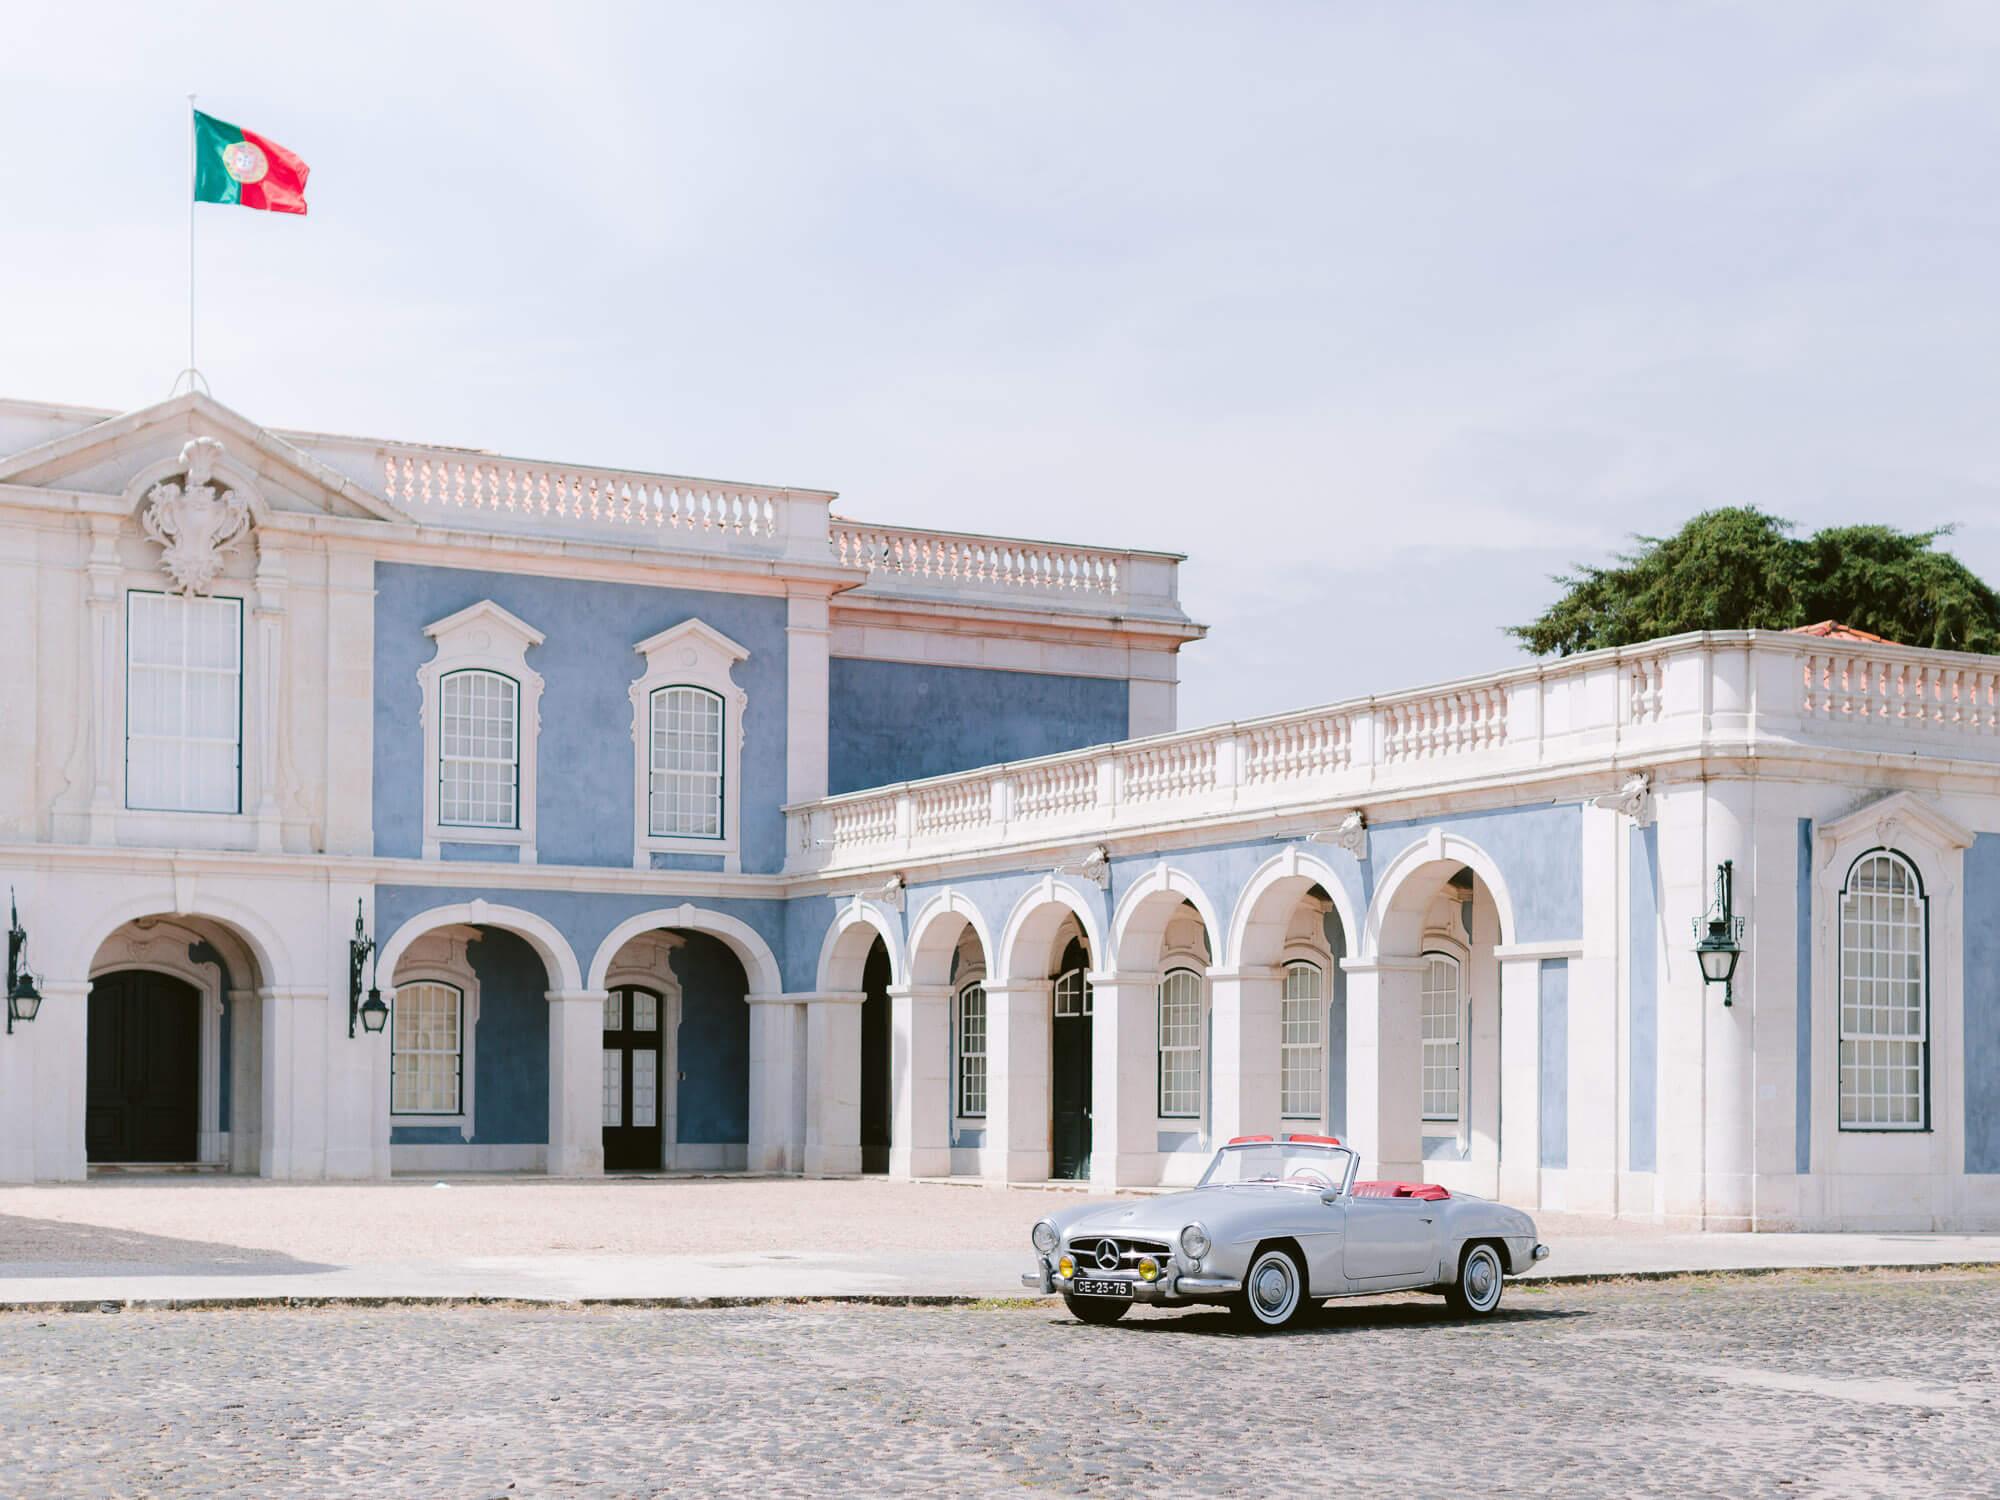 Palacio de Queluz beautiful facade and vintage Mercedes convertible car by Portugal Wedding Photographer